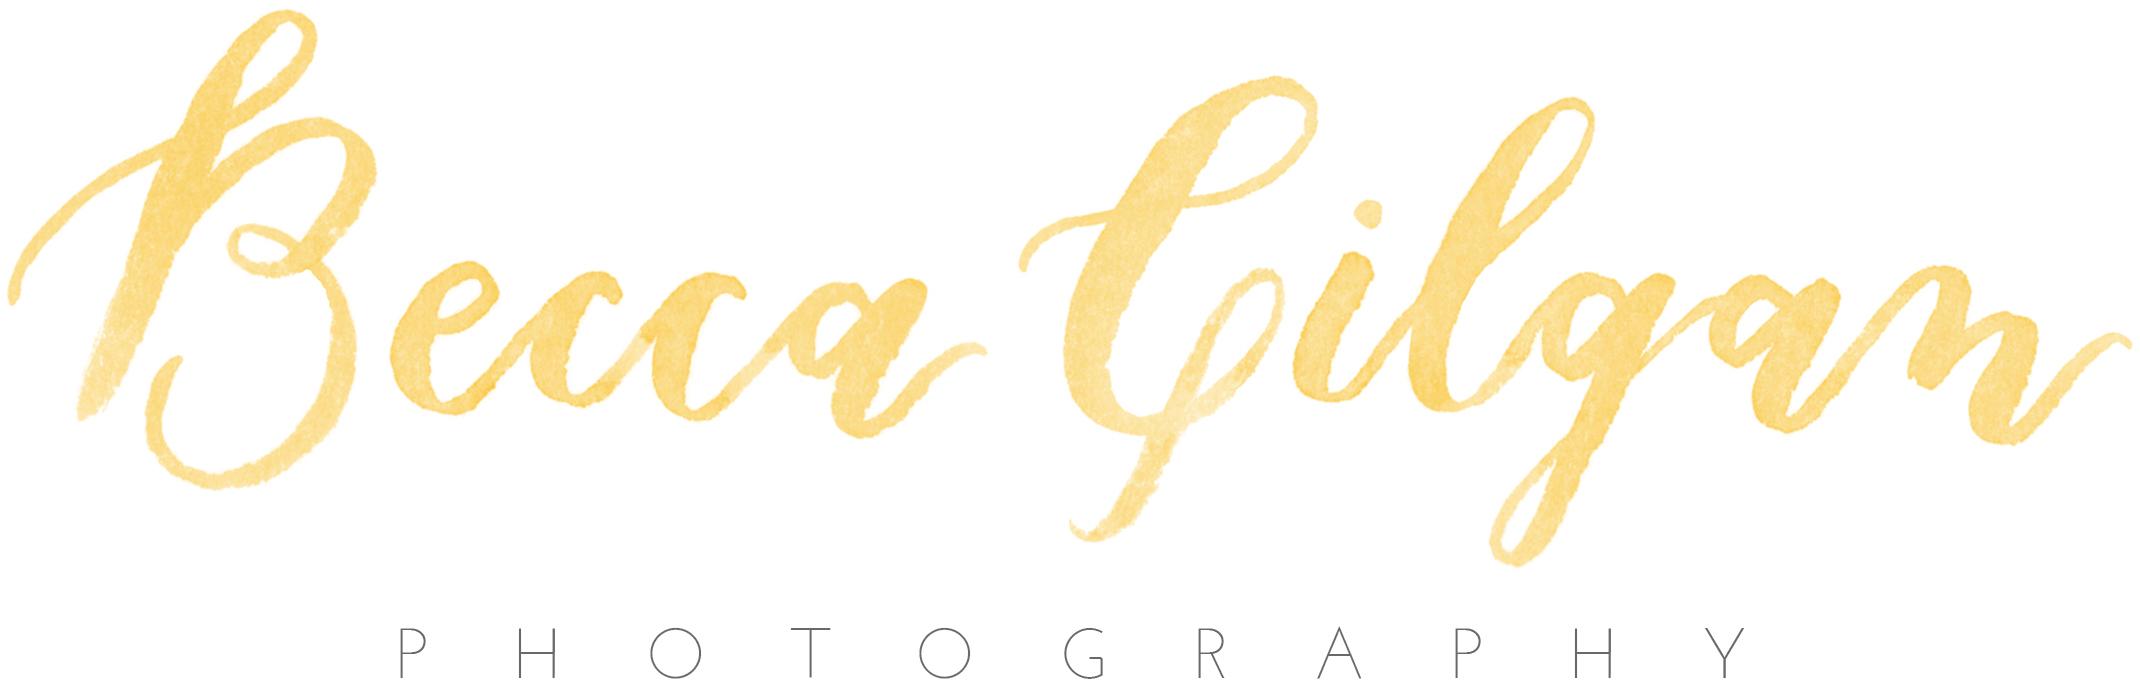 Becca final-color-crop.jpg